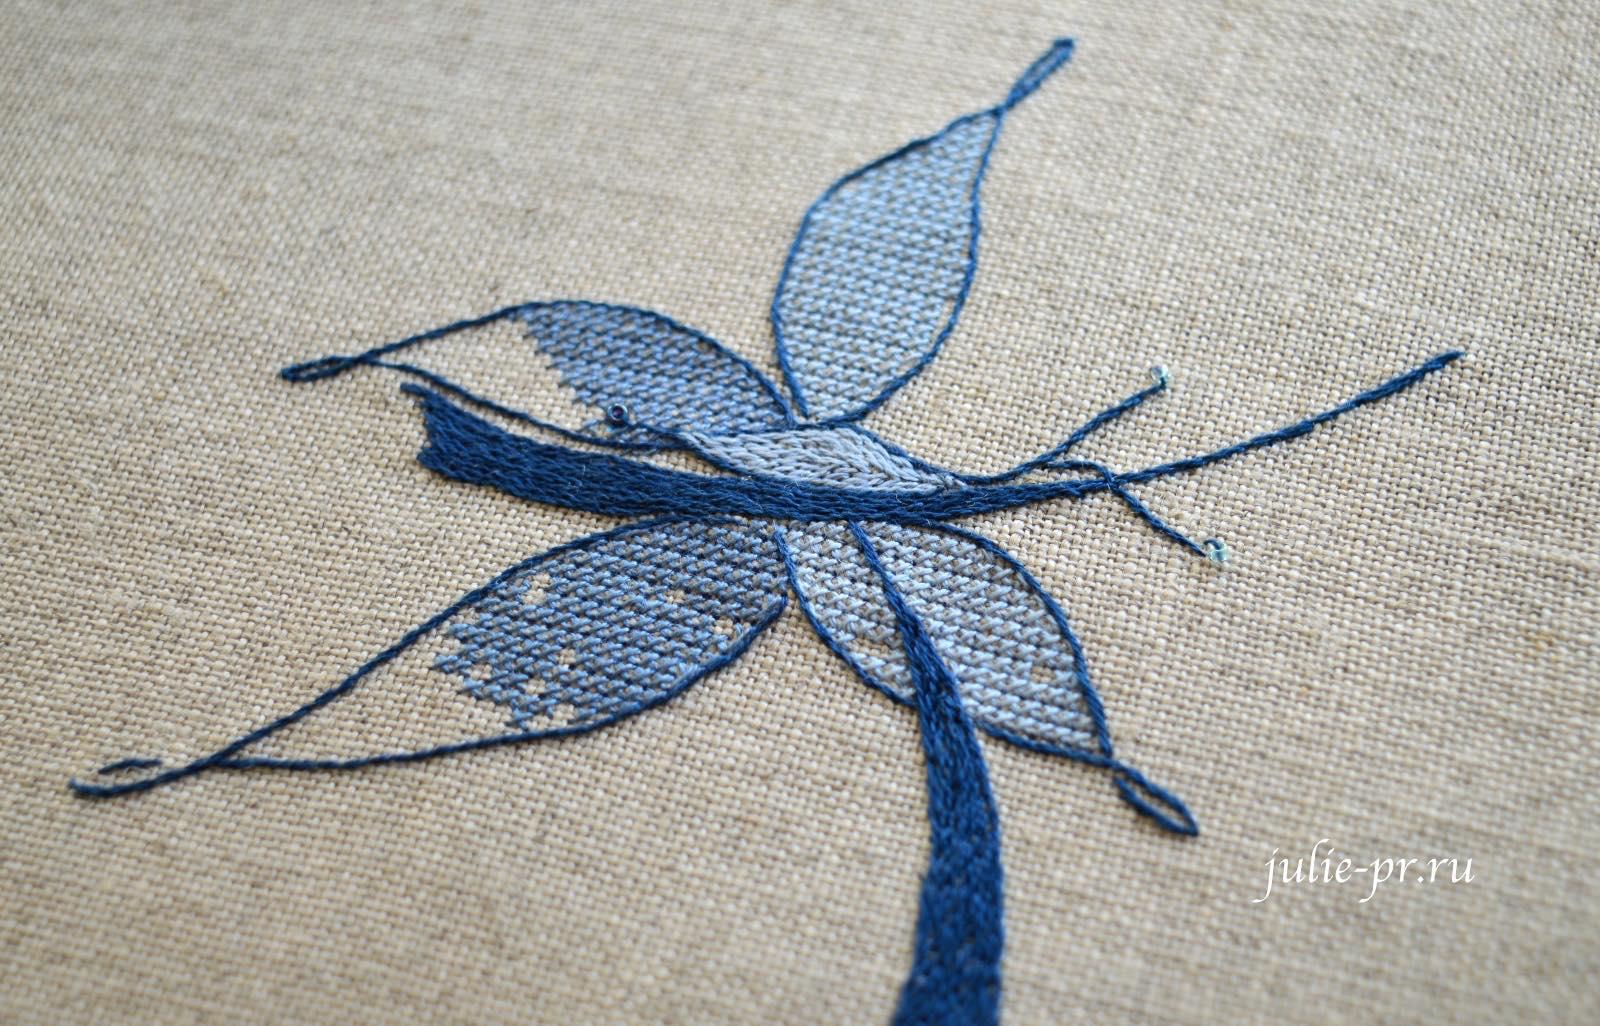 Вышивка крестом, вышивка атласной гладью, атласная гладь, Soizic, буква J с бабочкой, как вышивать